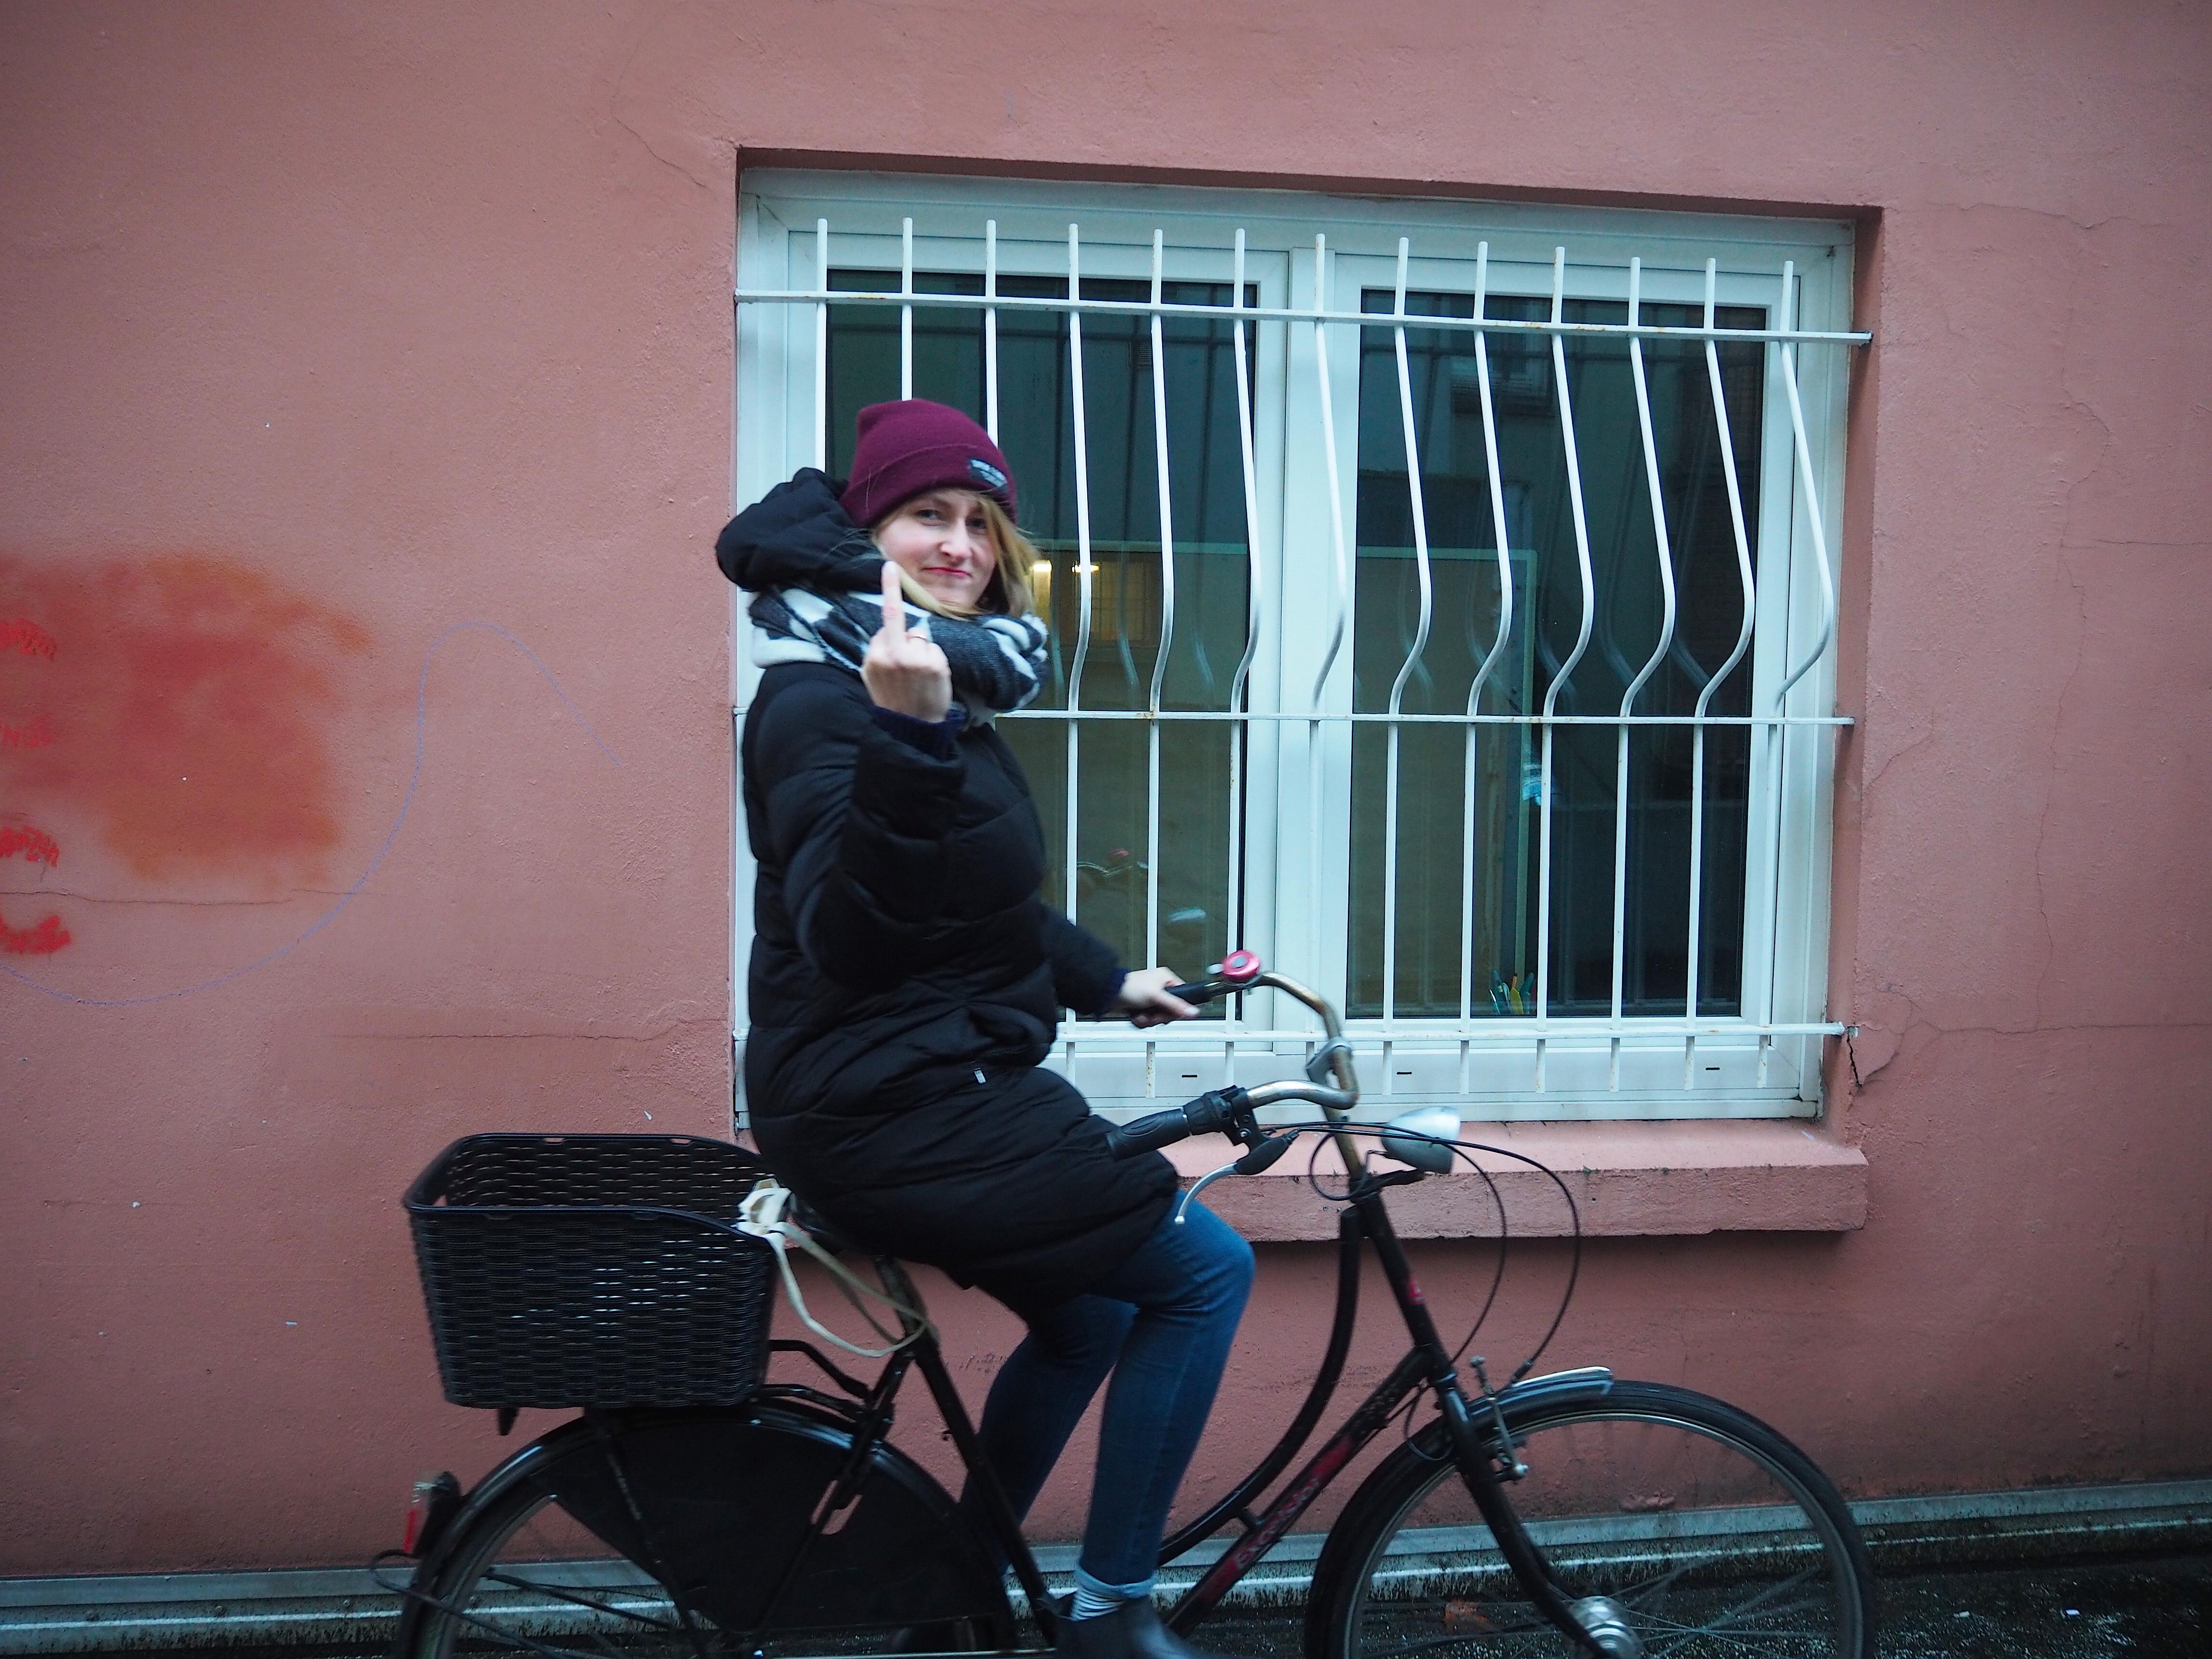 11 gr nde warum fahrradfahren in hamburg die h lle ist mit vergn gen hamburg. Black Bedroom Furniture Sets. Home Design Ideas